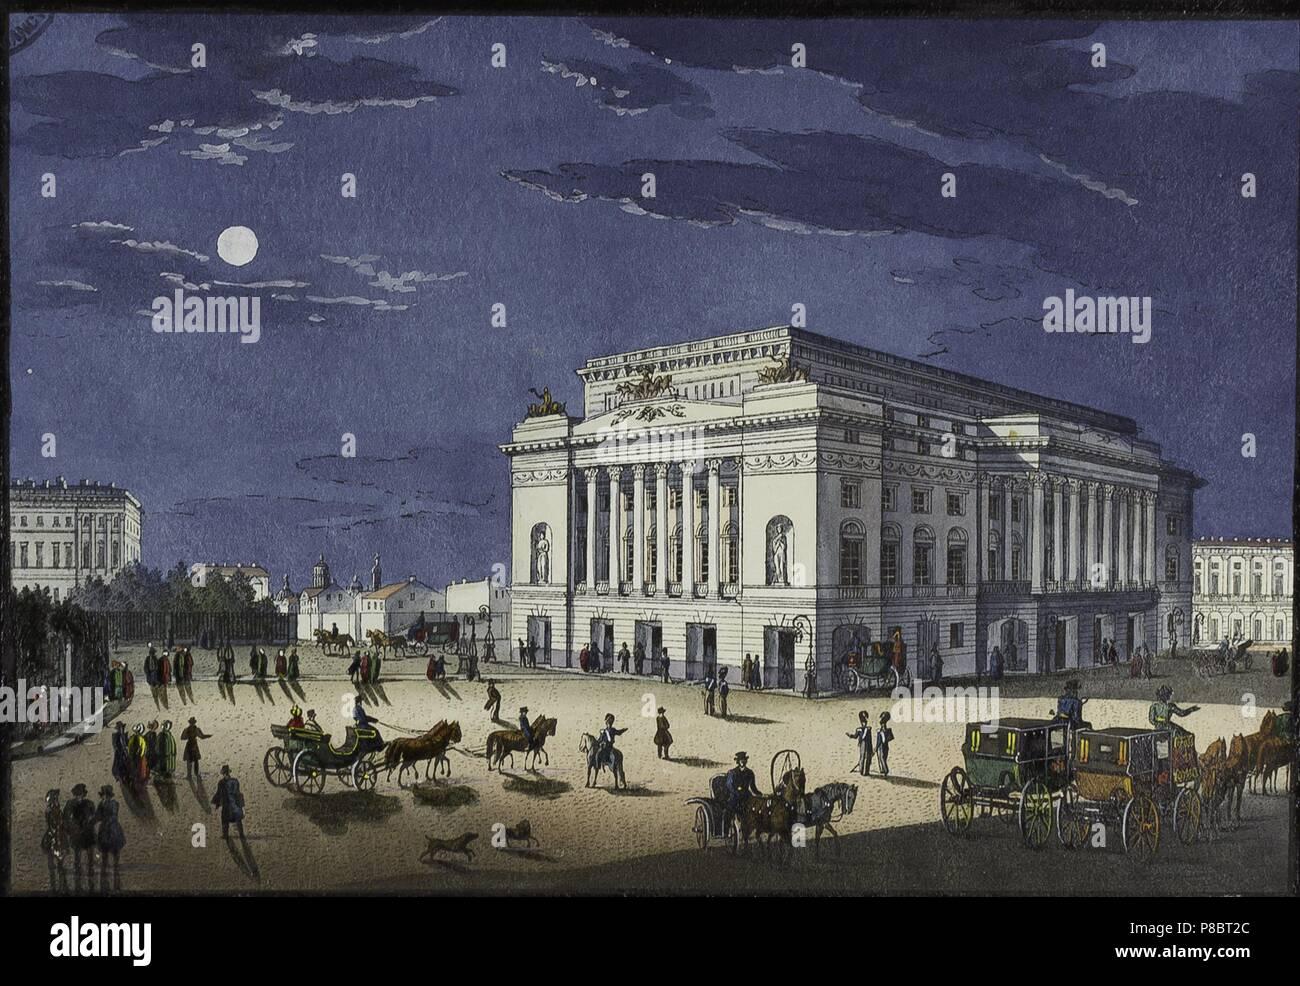 The Alexandrinsky Theatre in Saint Petersburg. Museum: Bibliothèque municipale de Nancy. - Stock Image